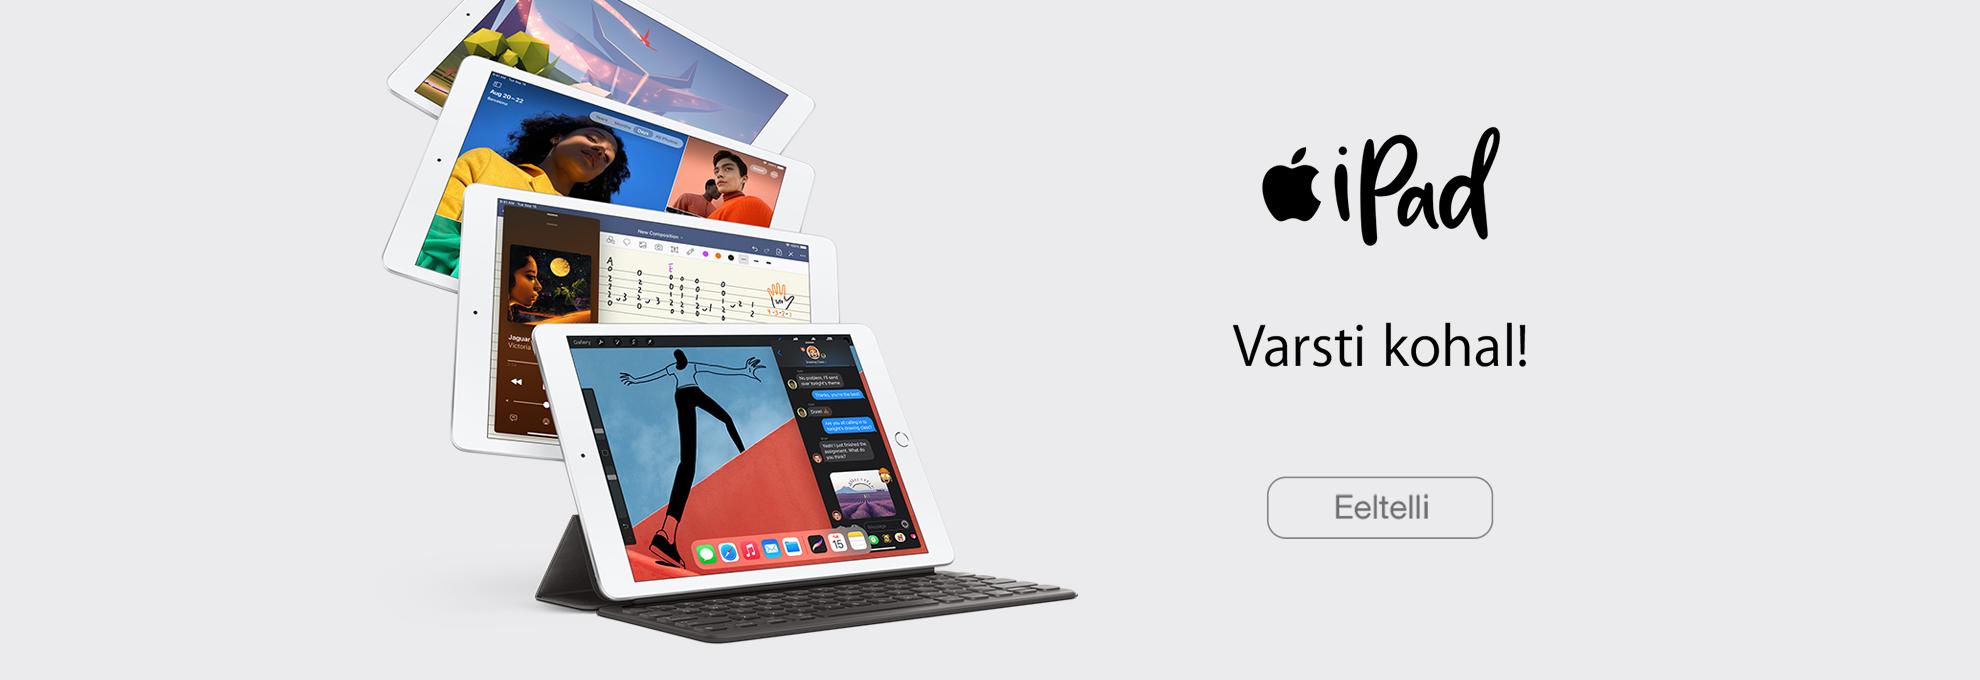 Eeltelli Apple iPad 8th gen